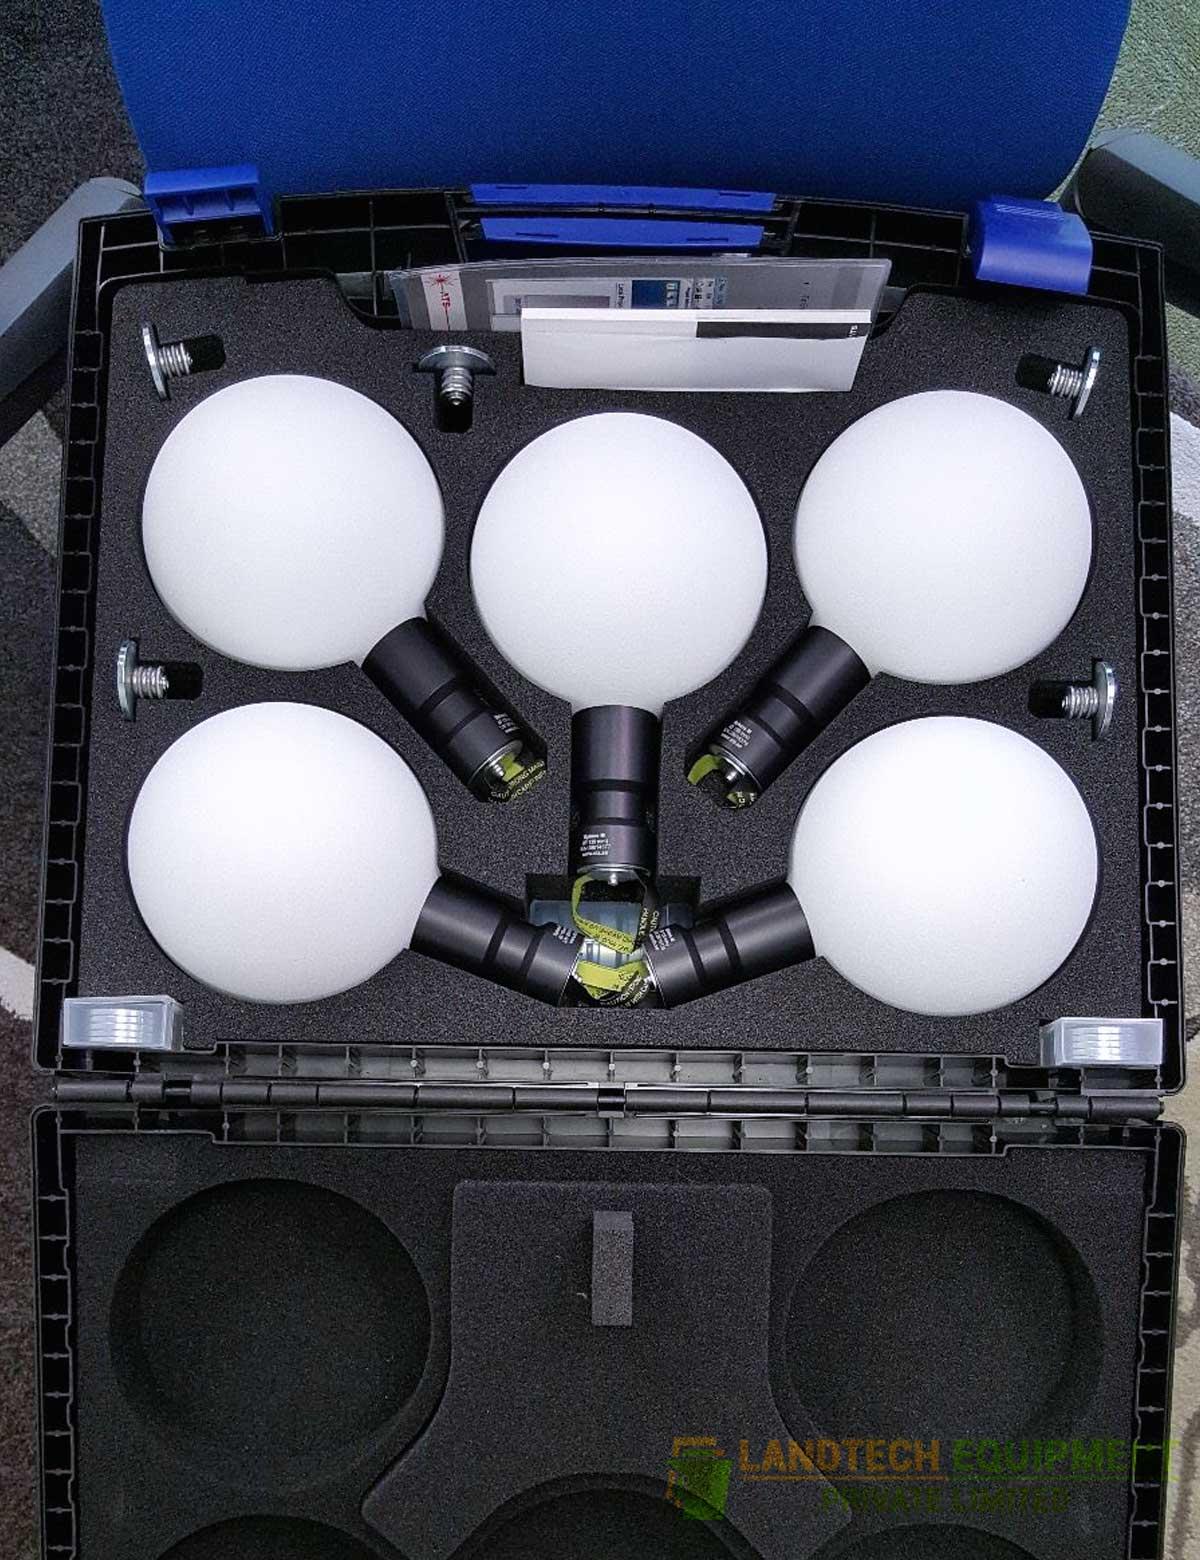 FARO-Focus-3D-X330-Spheres-Sale.jpg